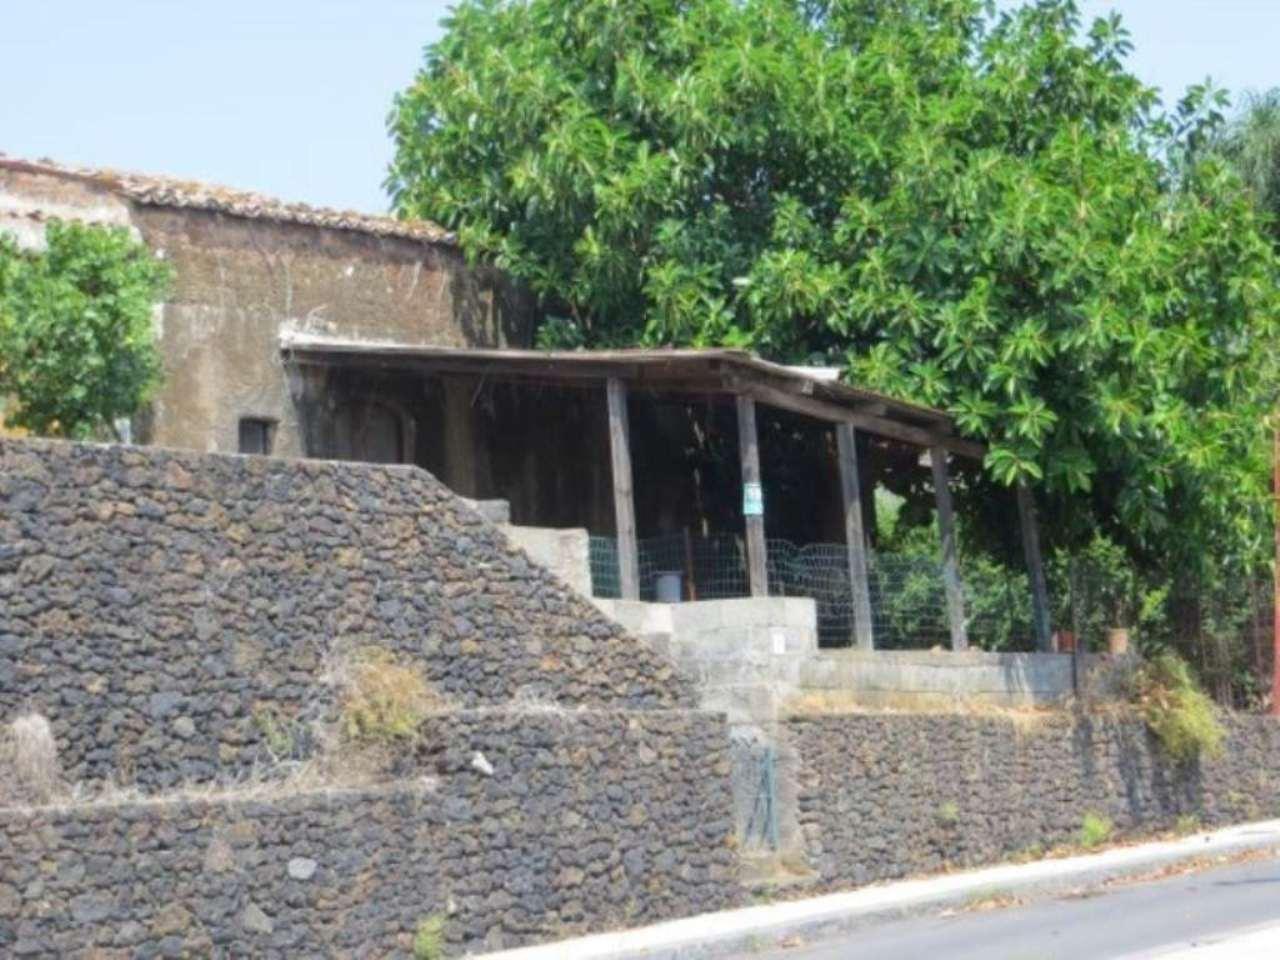 Rustico in Vendita a San Giovanni La Punta: 5 locali, 400 mq